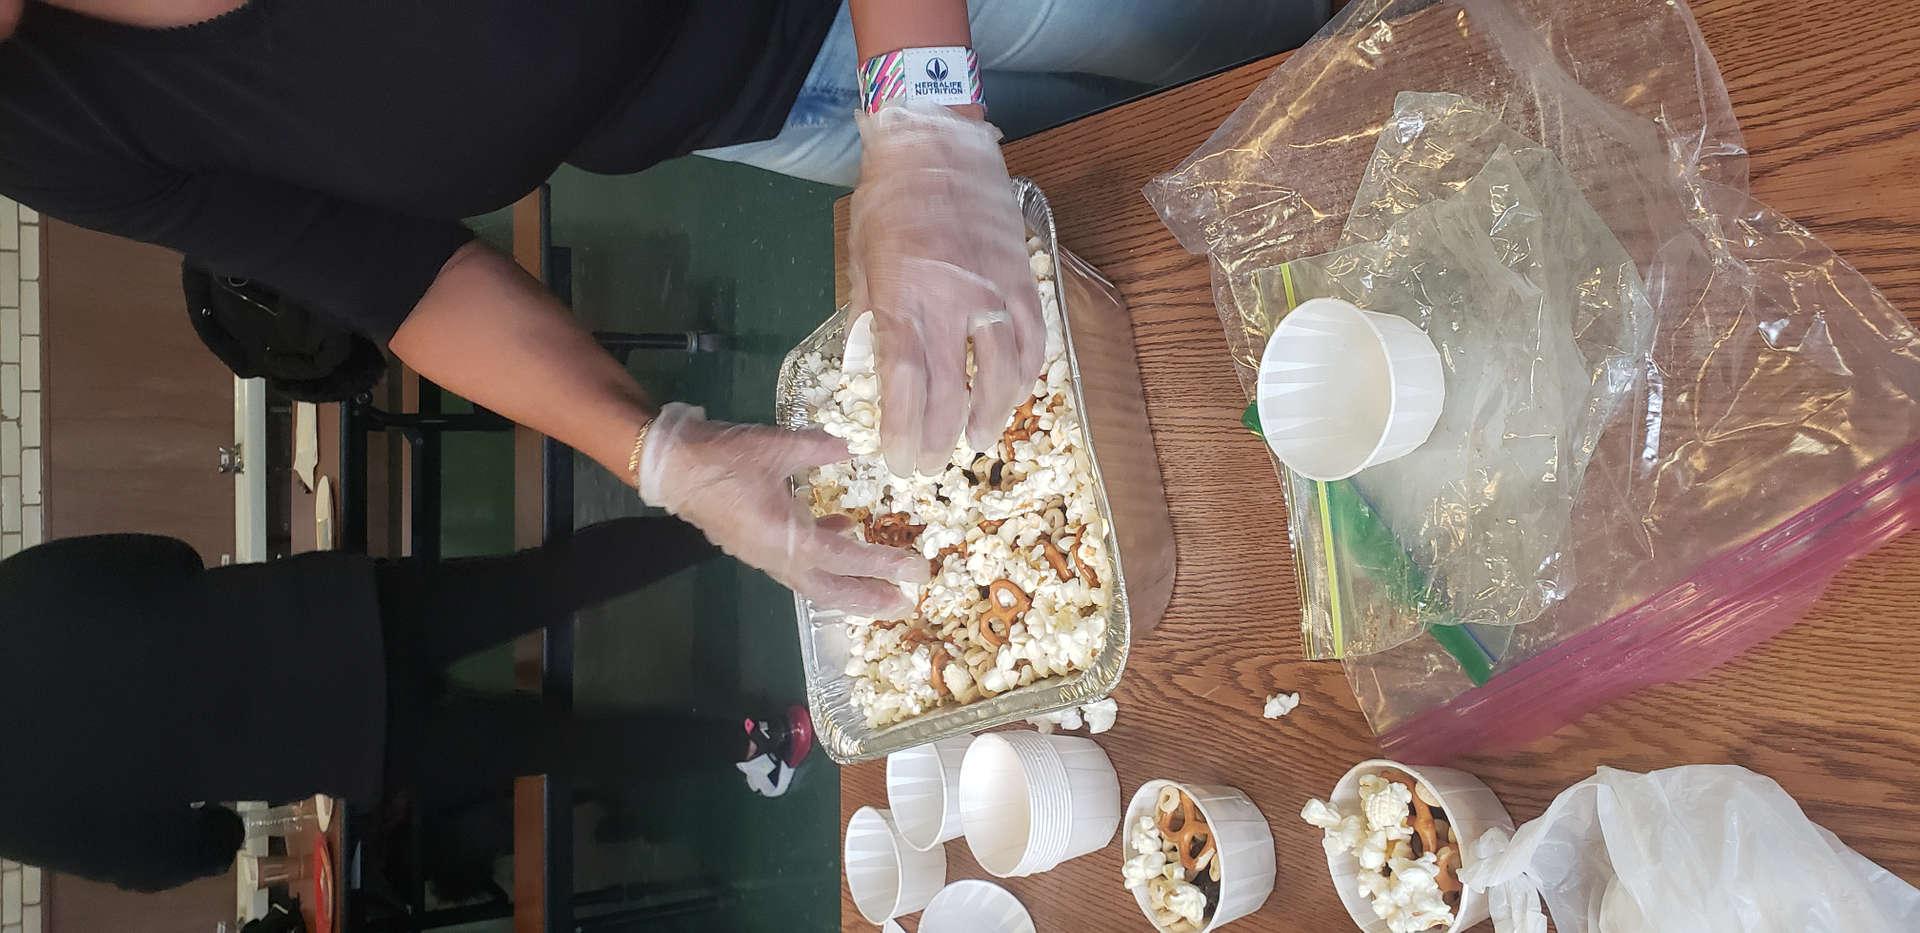 Parent preparing nutritious food